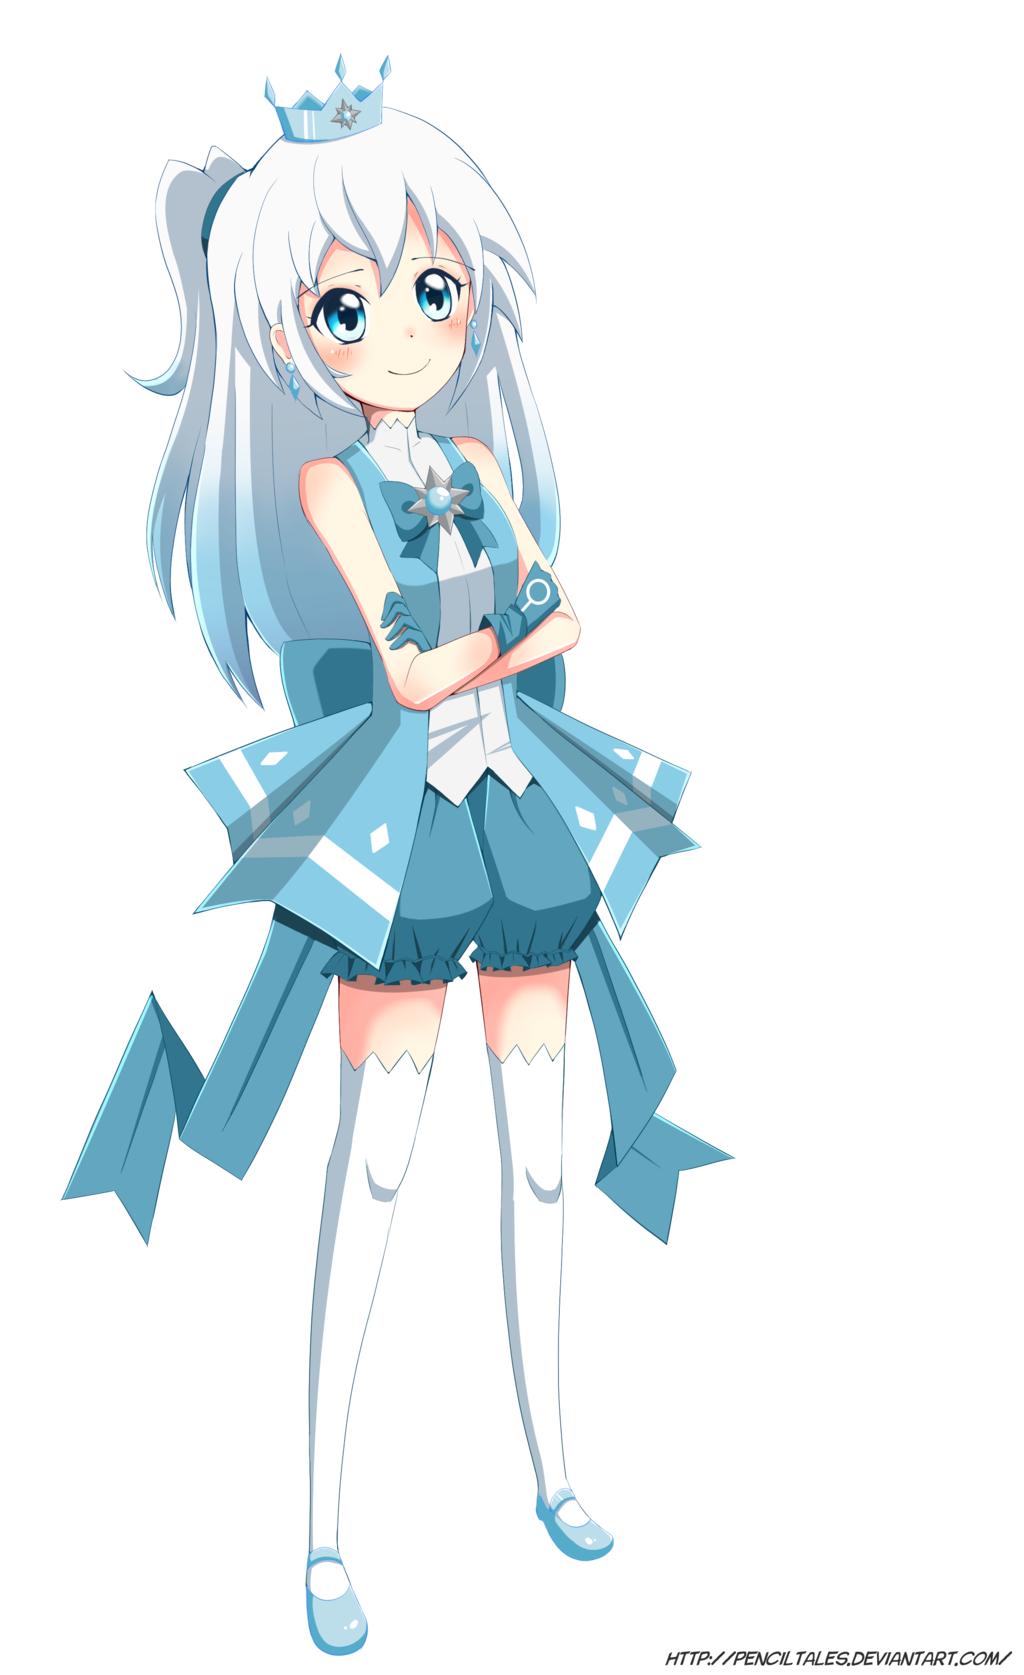 Pin by Kanaya Maryam on Madoka Magica OC Magical girl, Anime